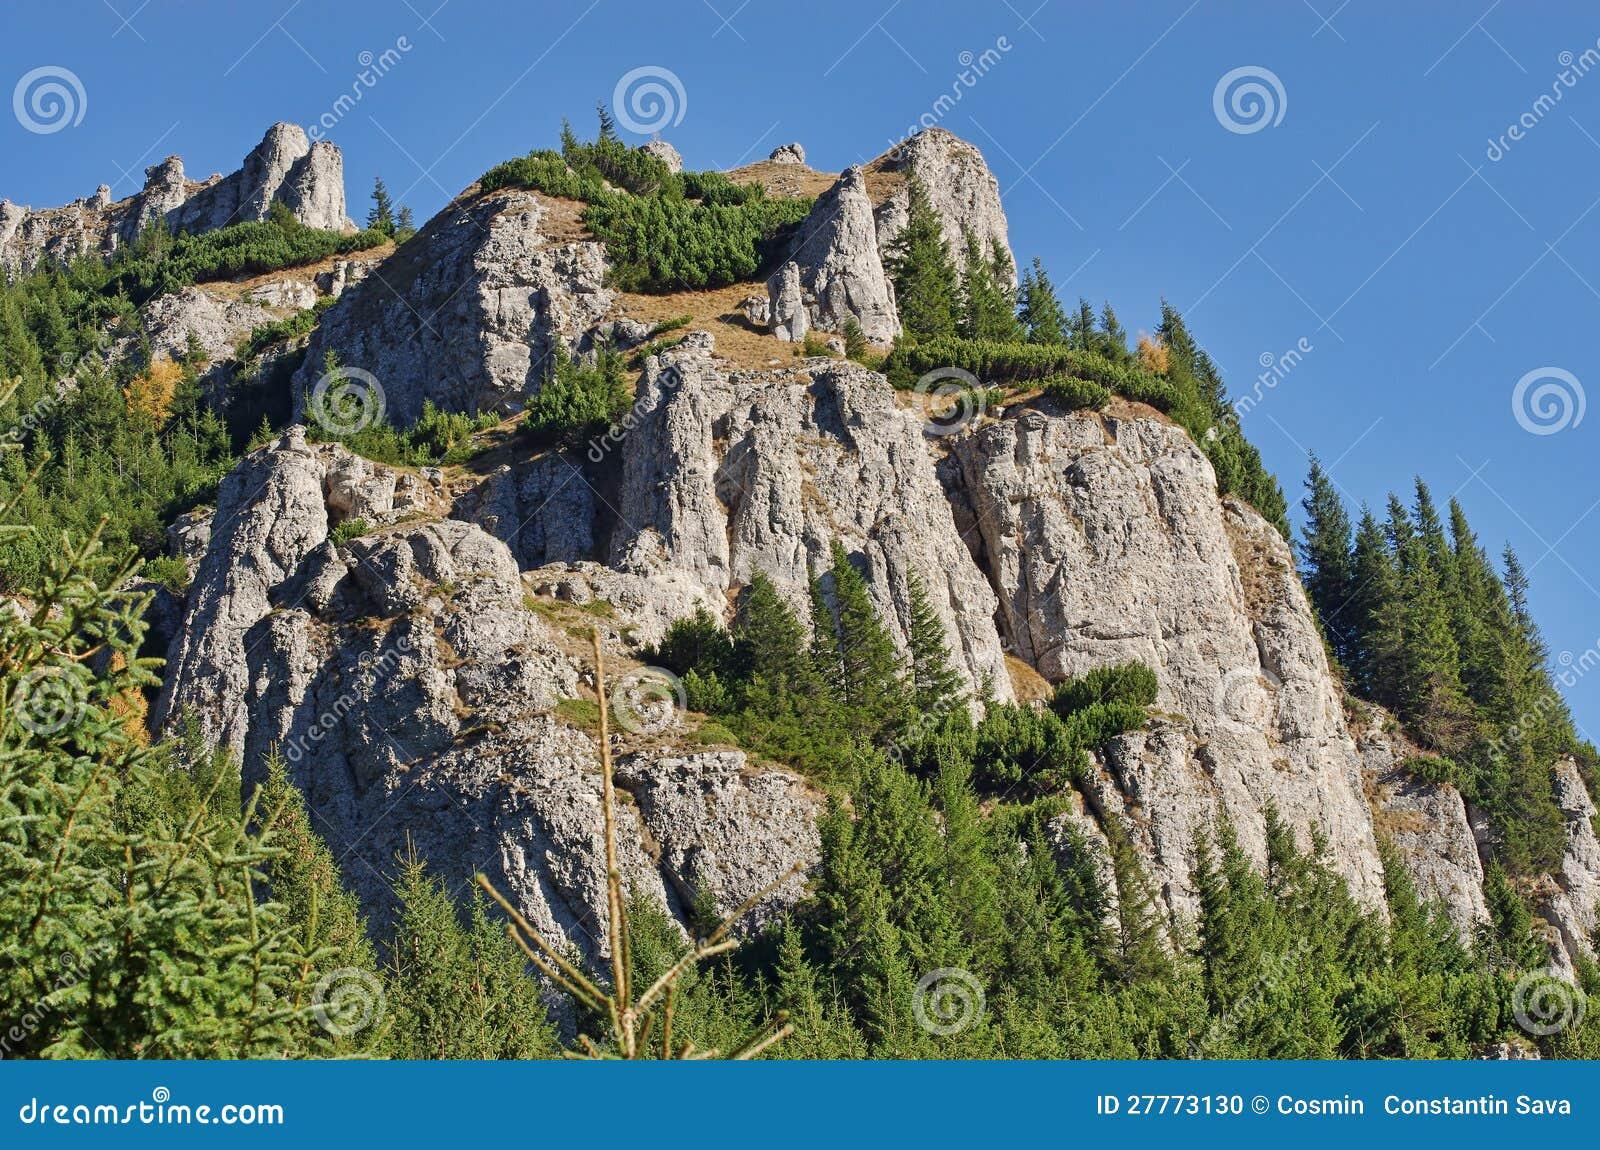 Montagne en pierre